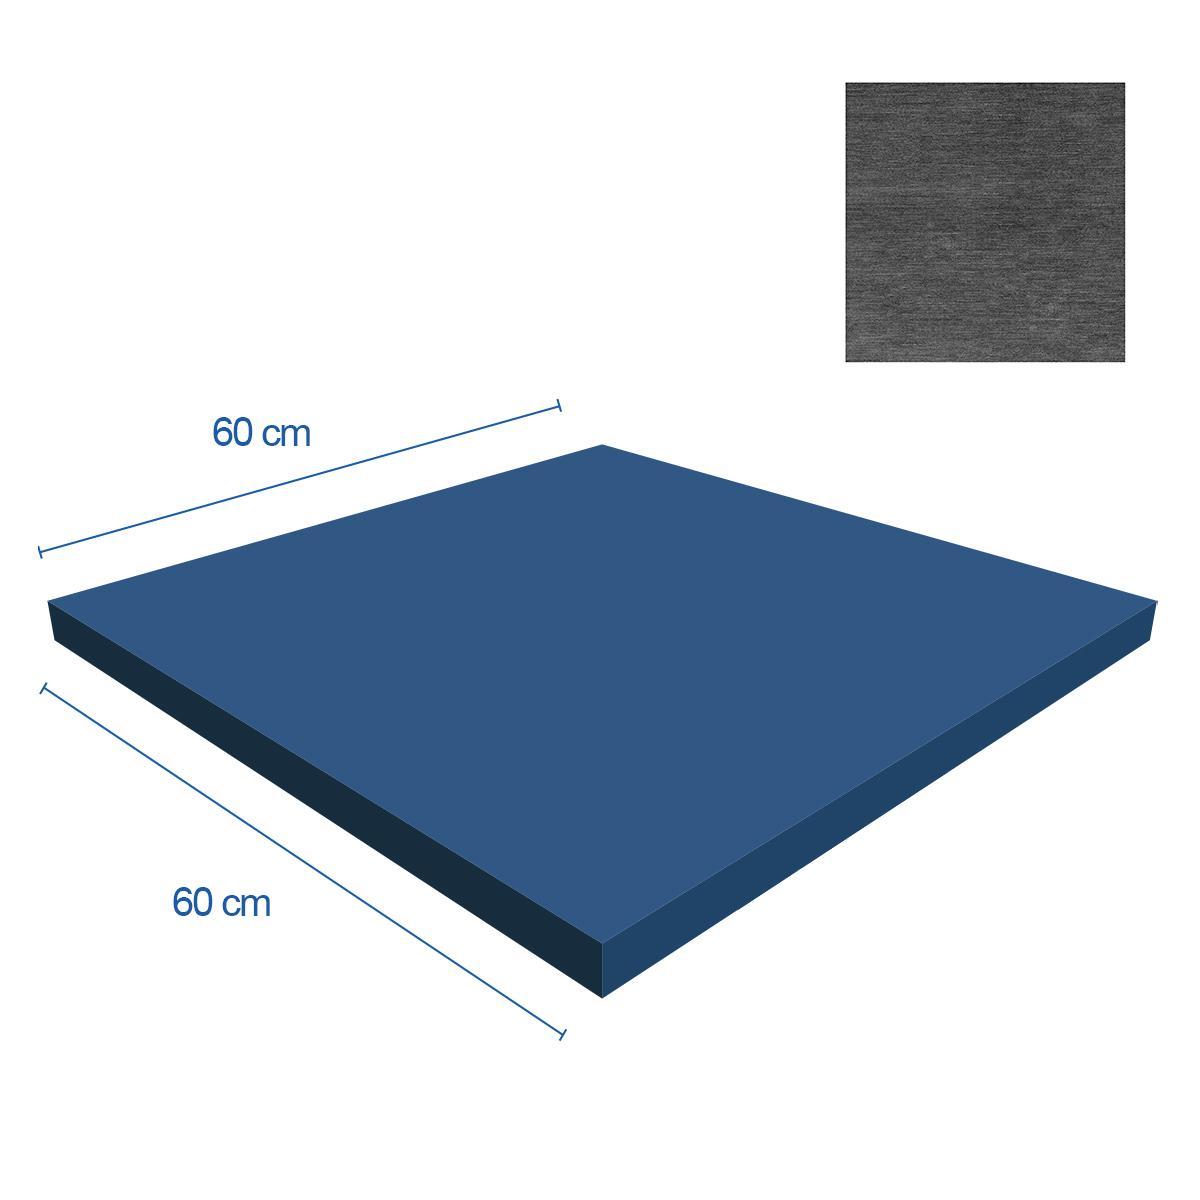 Porcelanato Cloth Gris Mate - 60X60 cm - 1.44 m2